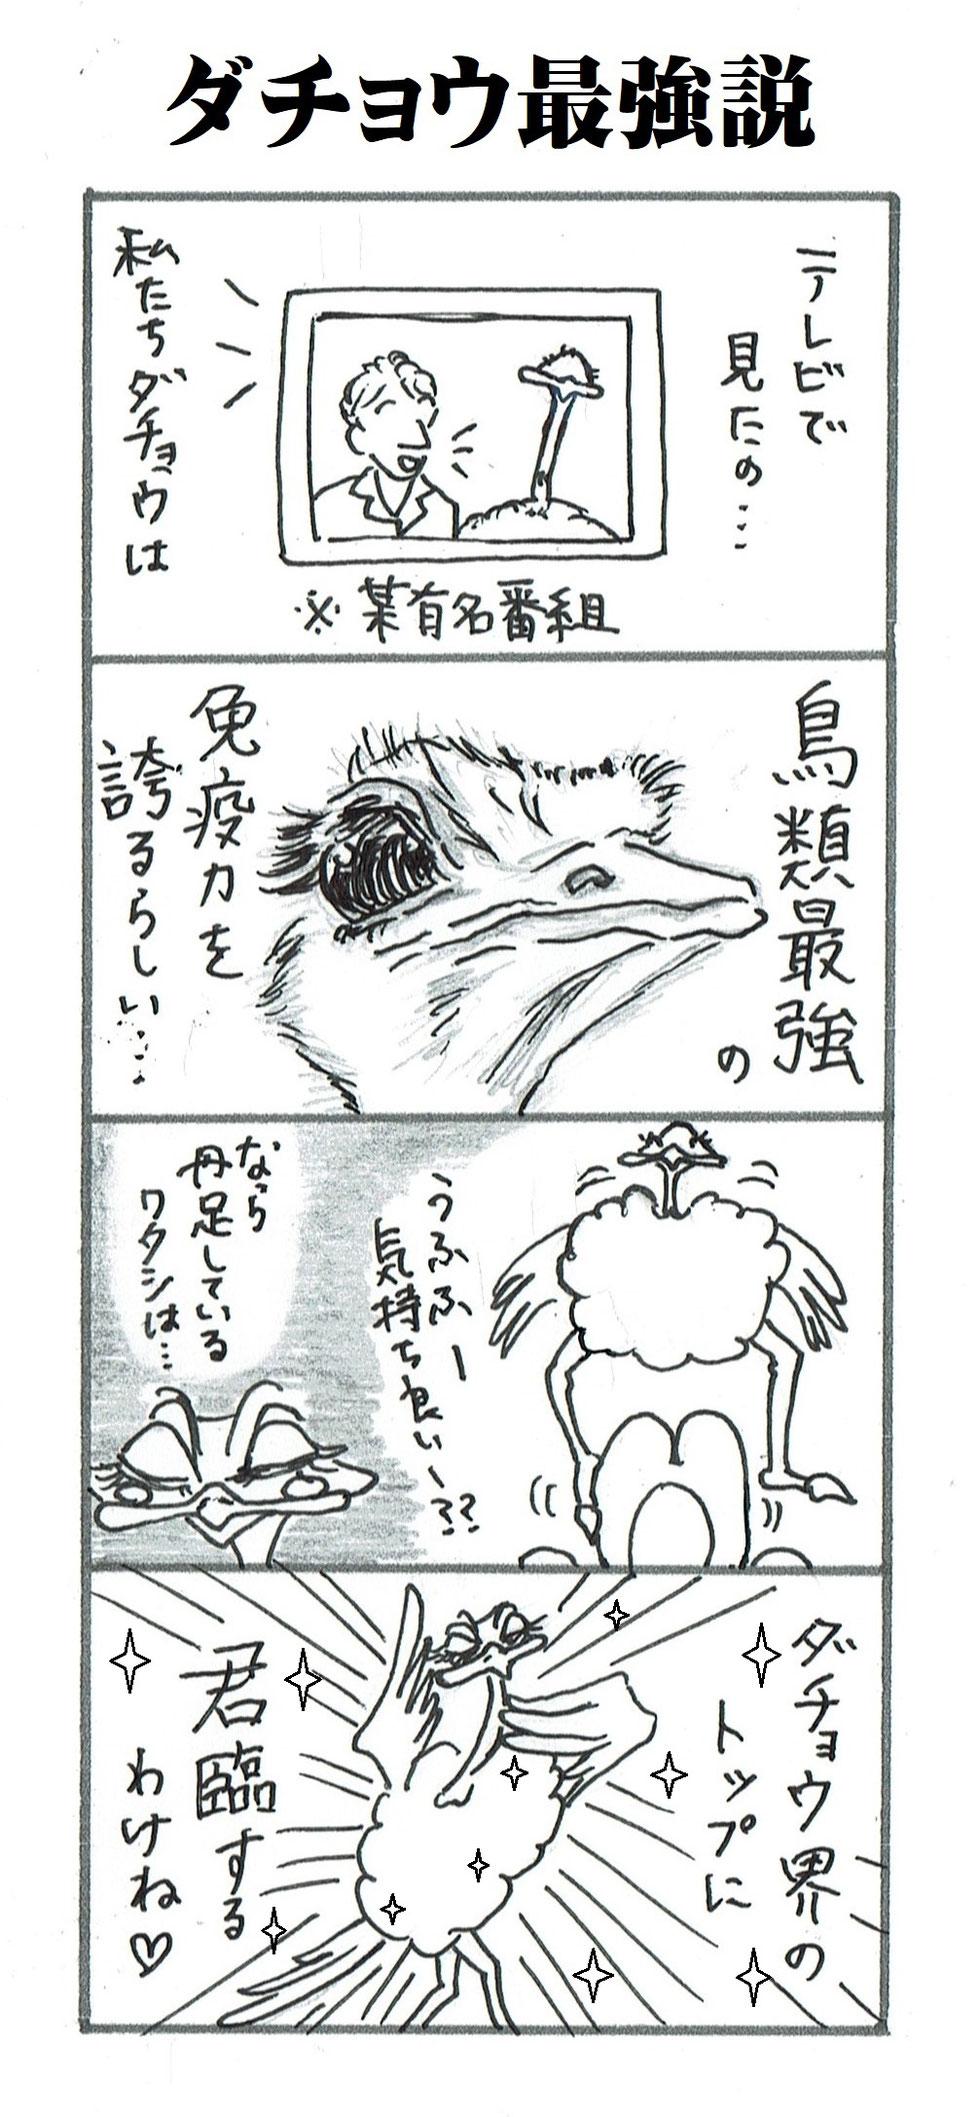 題「ダチョウ最強説」